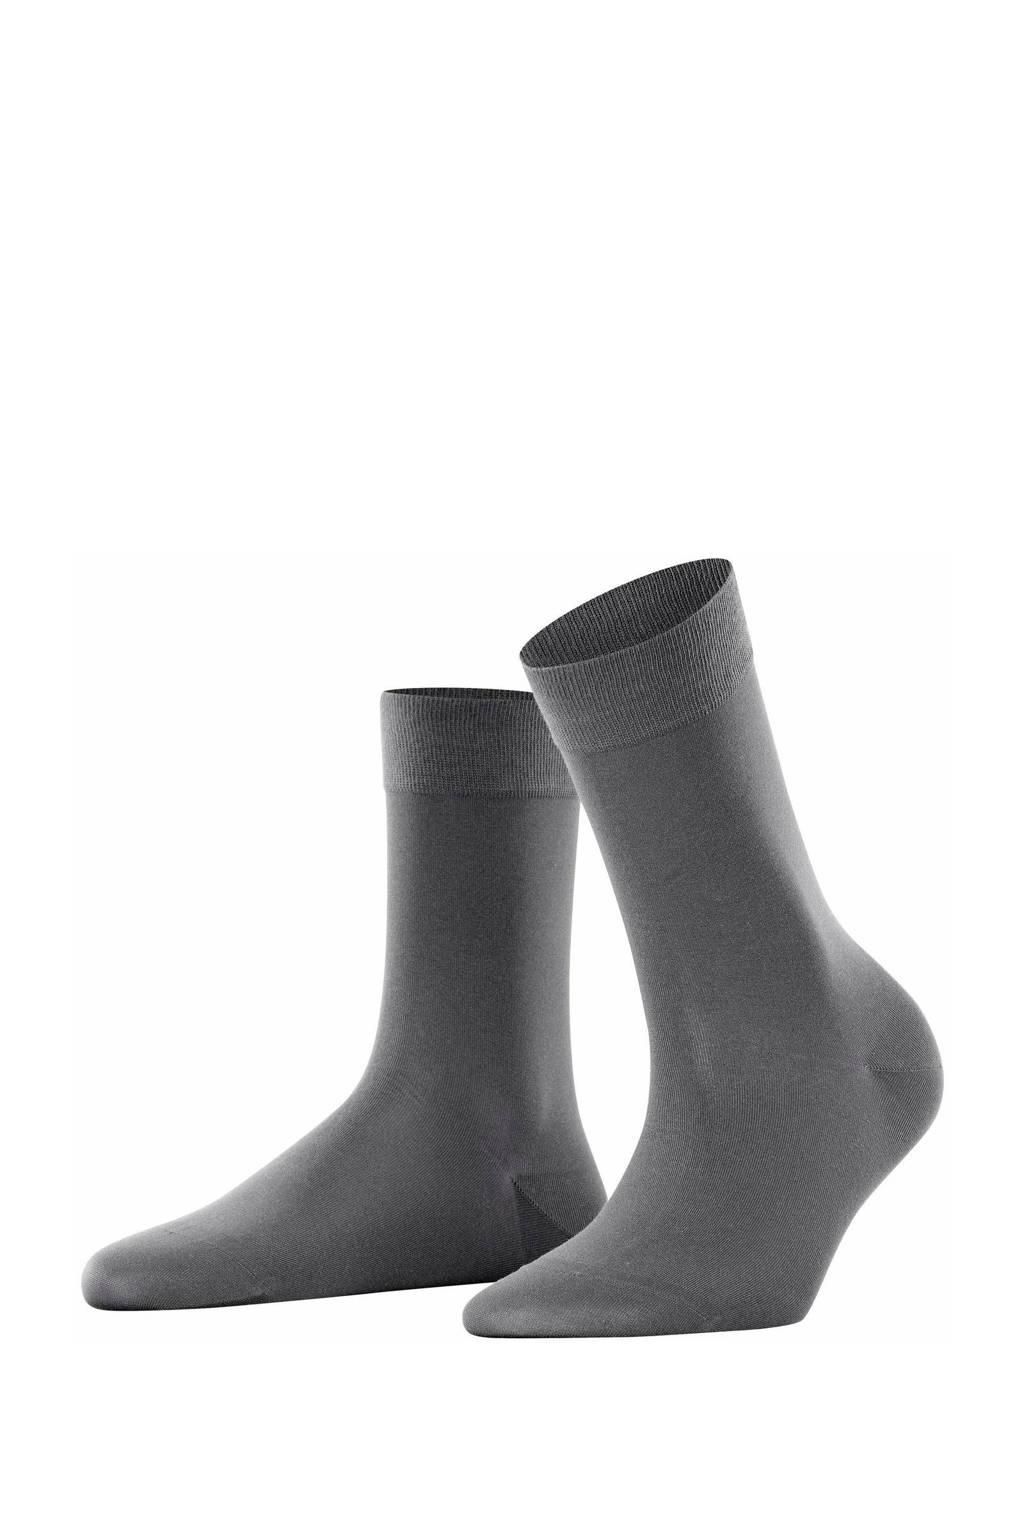 FALKE Cotton Touch sokken grijs, Grijs/Platinum